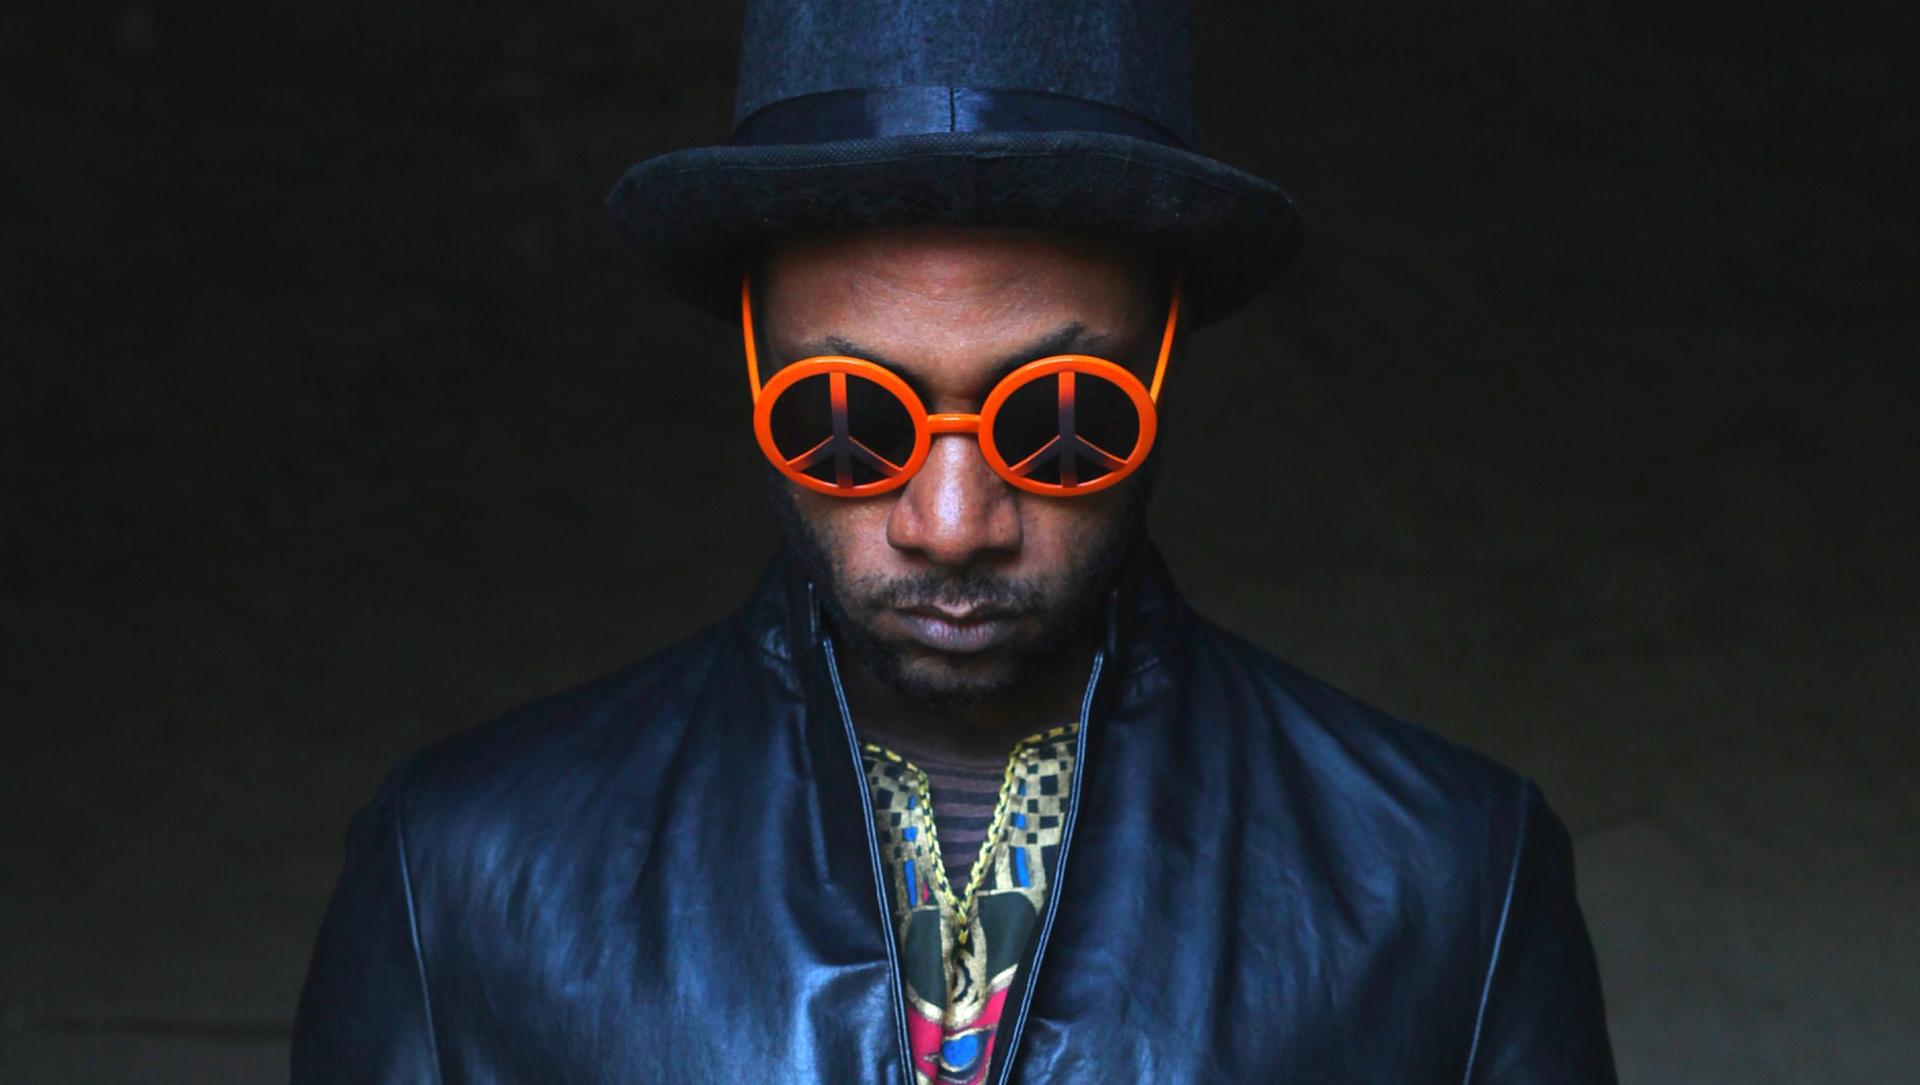 """Seven DavisJr. nome d'arte di Samuel Davis, ispirato nel nome e nella musica al cantante jazz dellafamosa """"The Candy Man"""", si esibirà con i suoi live vocali in jamhouse contaminate […]"""